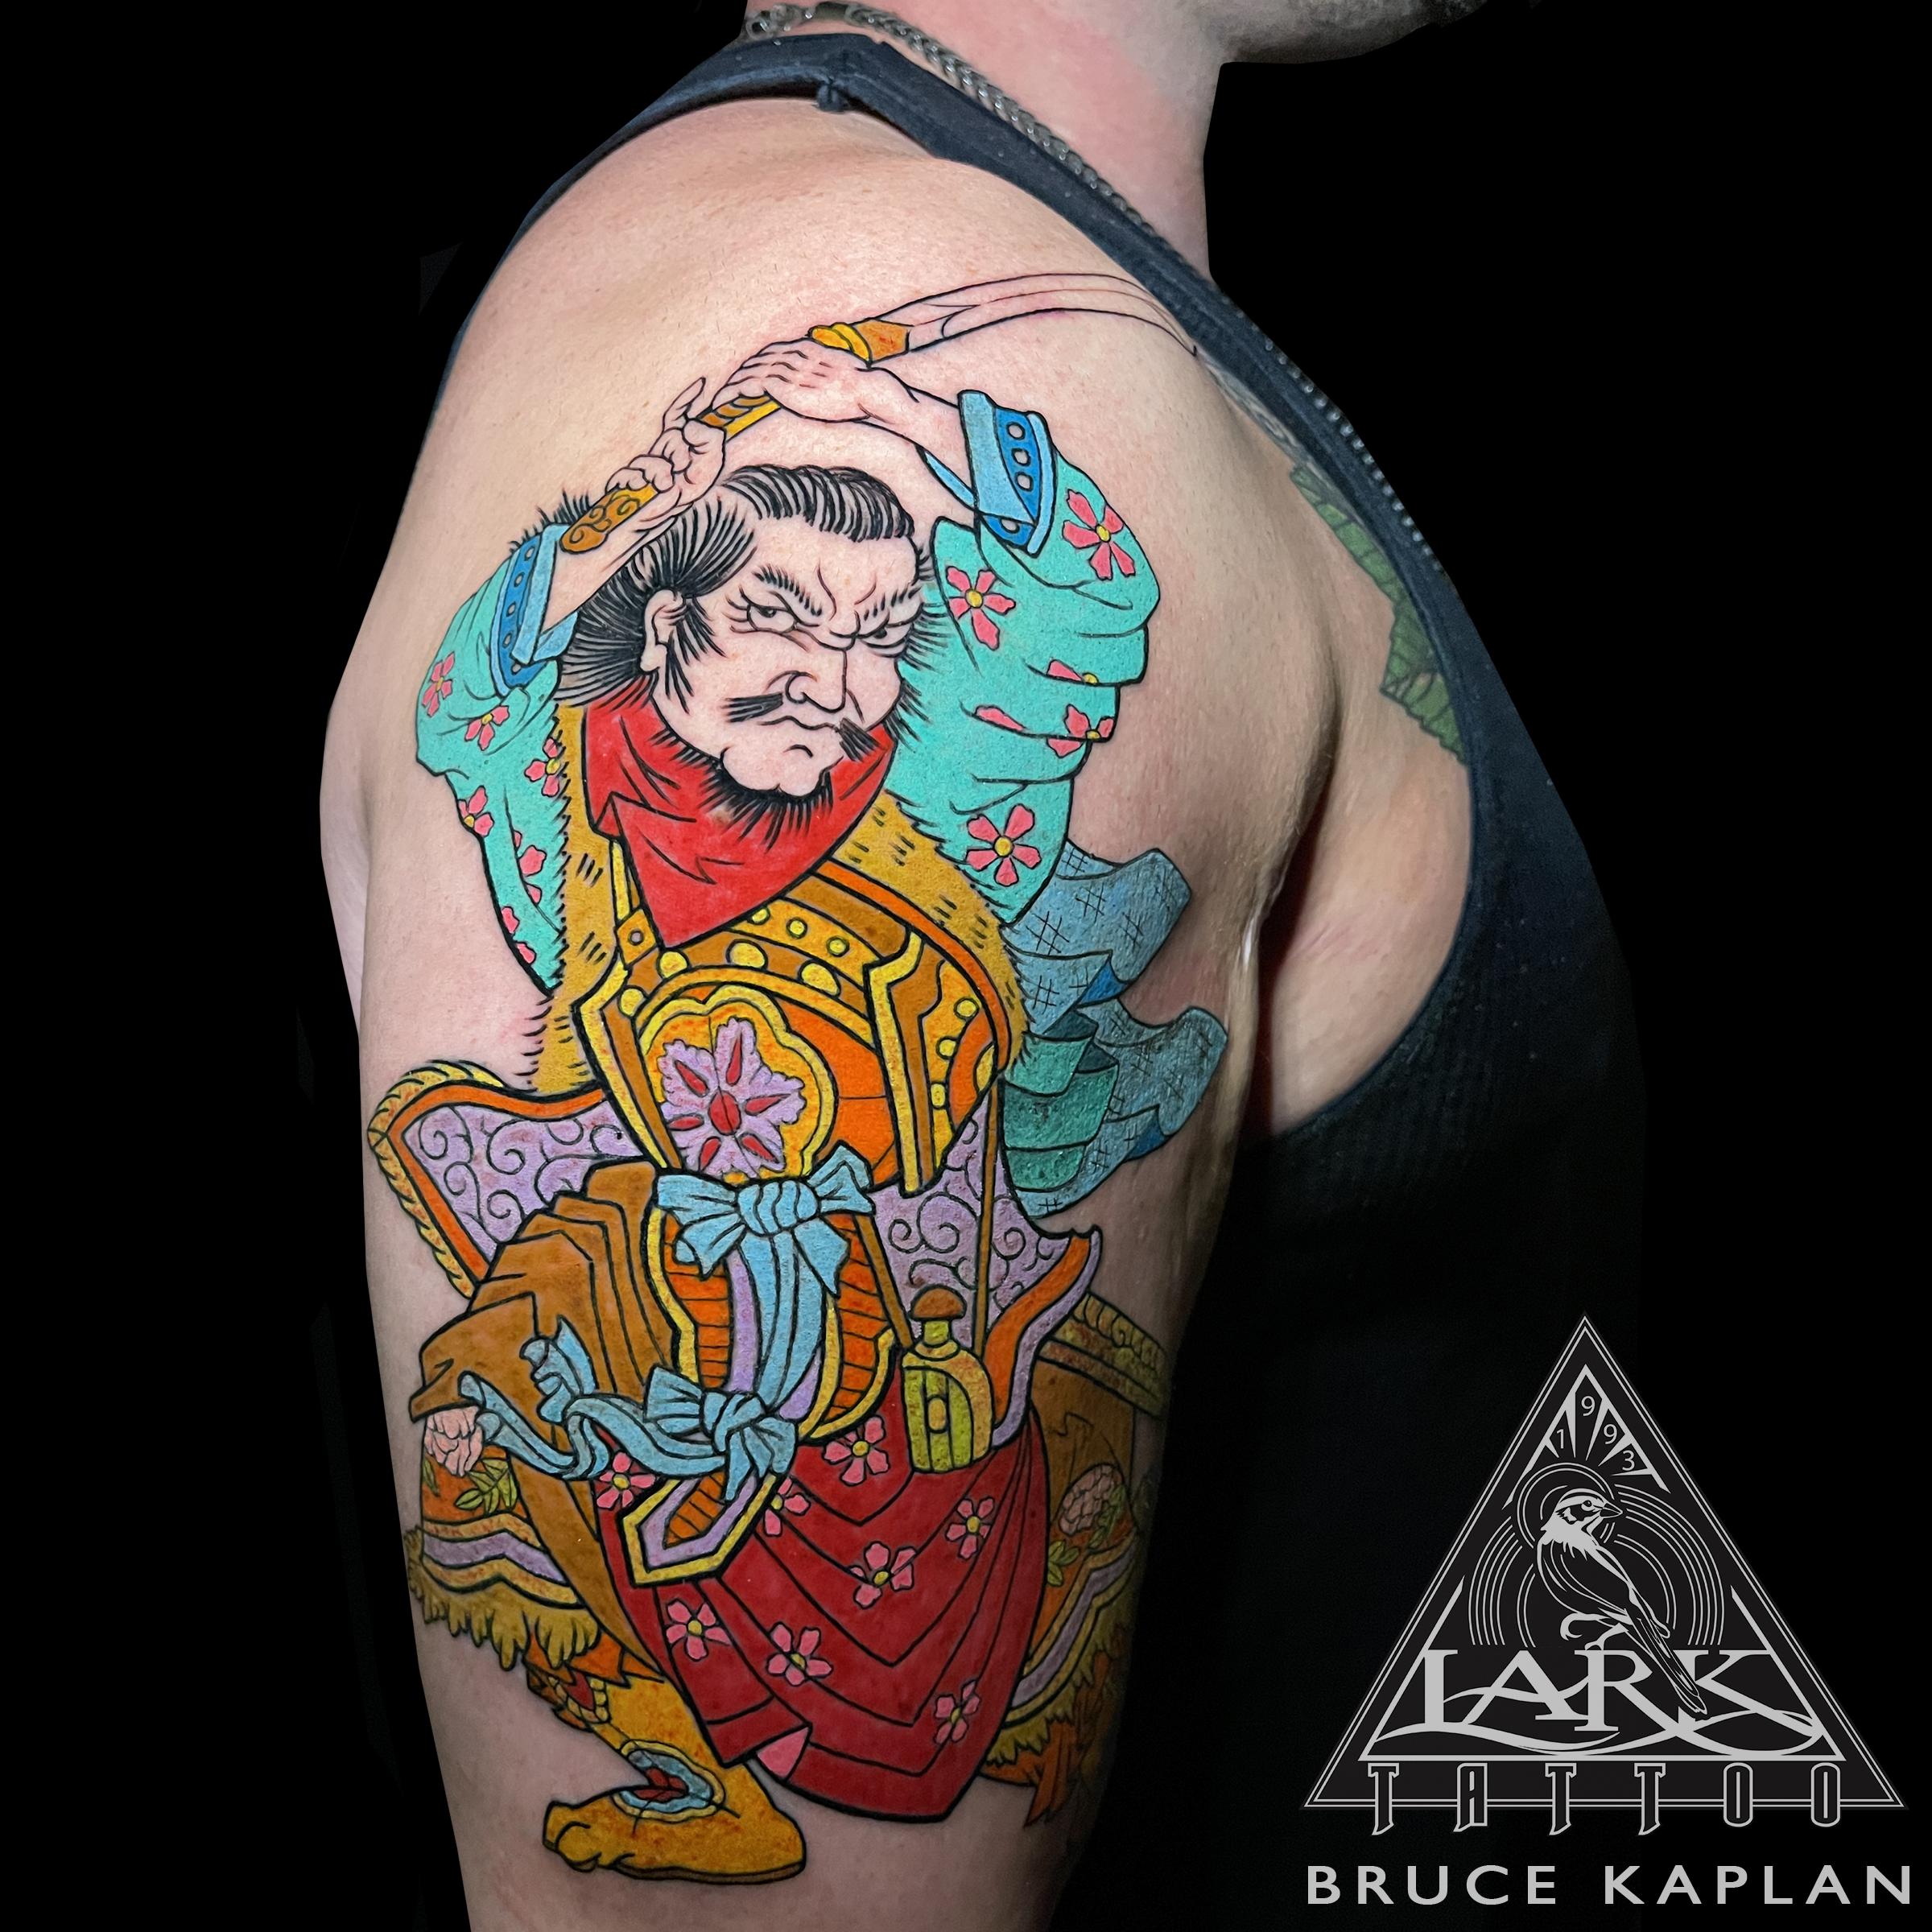 #LarkTattoo #BruceKaplan #BruceKaplanLarkTattoo #Tattoo #Tattoos #Japanese #JapaneseTattoo #ColorTattoo #ArmTattoo #BicepTattoo #LargeTattoo #BoldColorTattoo #ColorbombTattoo #Samurai #SamuraiTattoo #Katana #KatanaTattoo #Bushido #BushidoTattoo #Kenjutsu #KenjutsuTattoo #Iaido #IaidoTattoo #TattooArtist #Tattoist #Tattooer #LongIslandTattooArtist #LongIslandTattooer #LongIslandTattoo #LarkTattooWestbury #TattooOfTheDay #Tat #Tats #Tatts #Tatted #Inked #Ink #TattooInk #AmazingInk #AmazingTattoo #BodyArt #Westbury #LongIsland #NY #NewYork #USA #Art #Tattedup #InkedUp #LarkTattoos